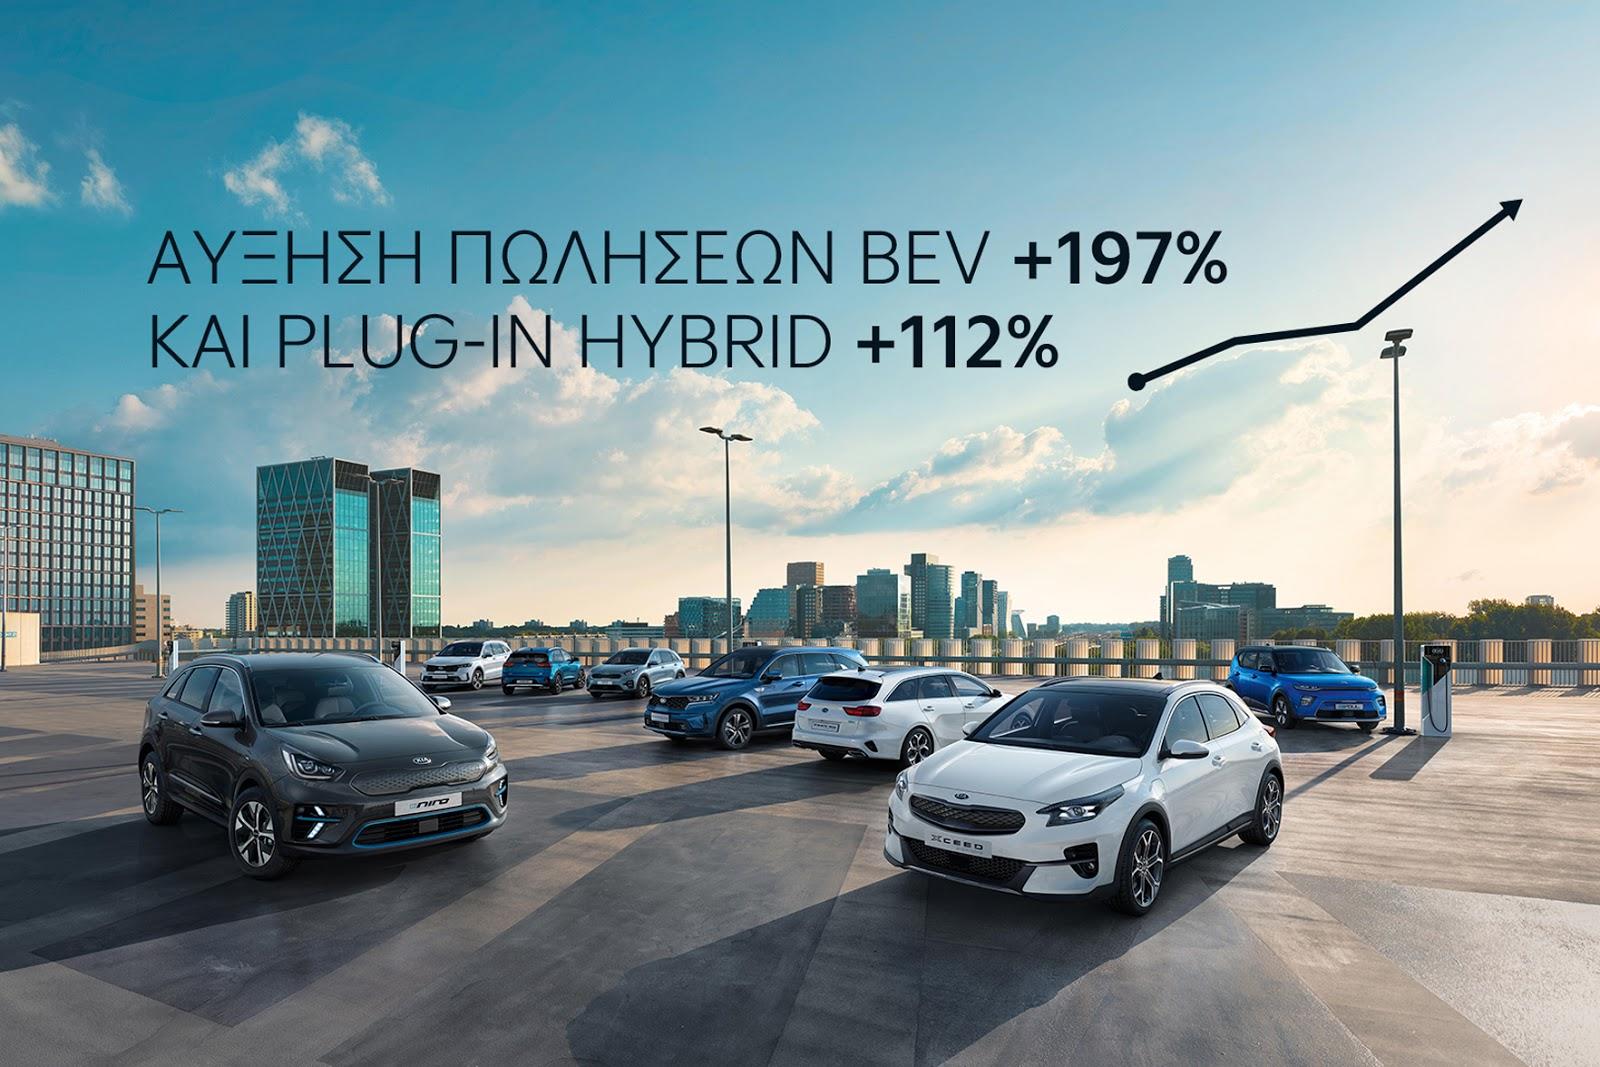 20210129 kia 2020 sales gr digital 1764x1176 Kia : Σημείωσε το υψηλότερο μερίδιο αγοράς της μέχρι σήμερα, στην Ευρώπη Kia, ειδήσεις, πωλήσεις